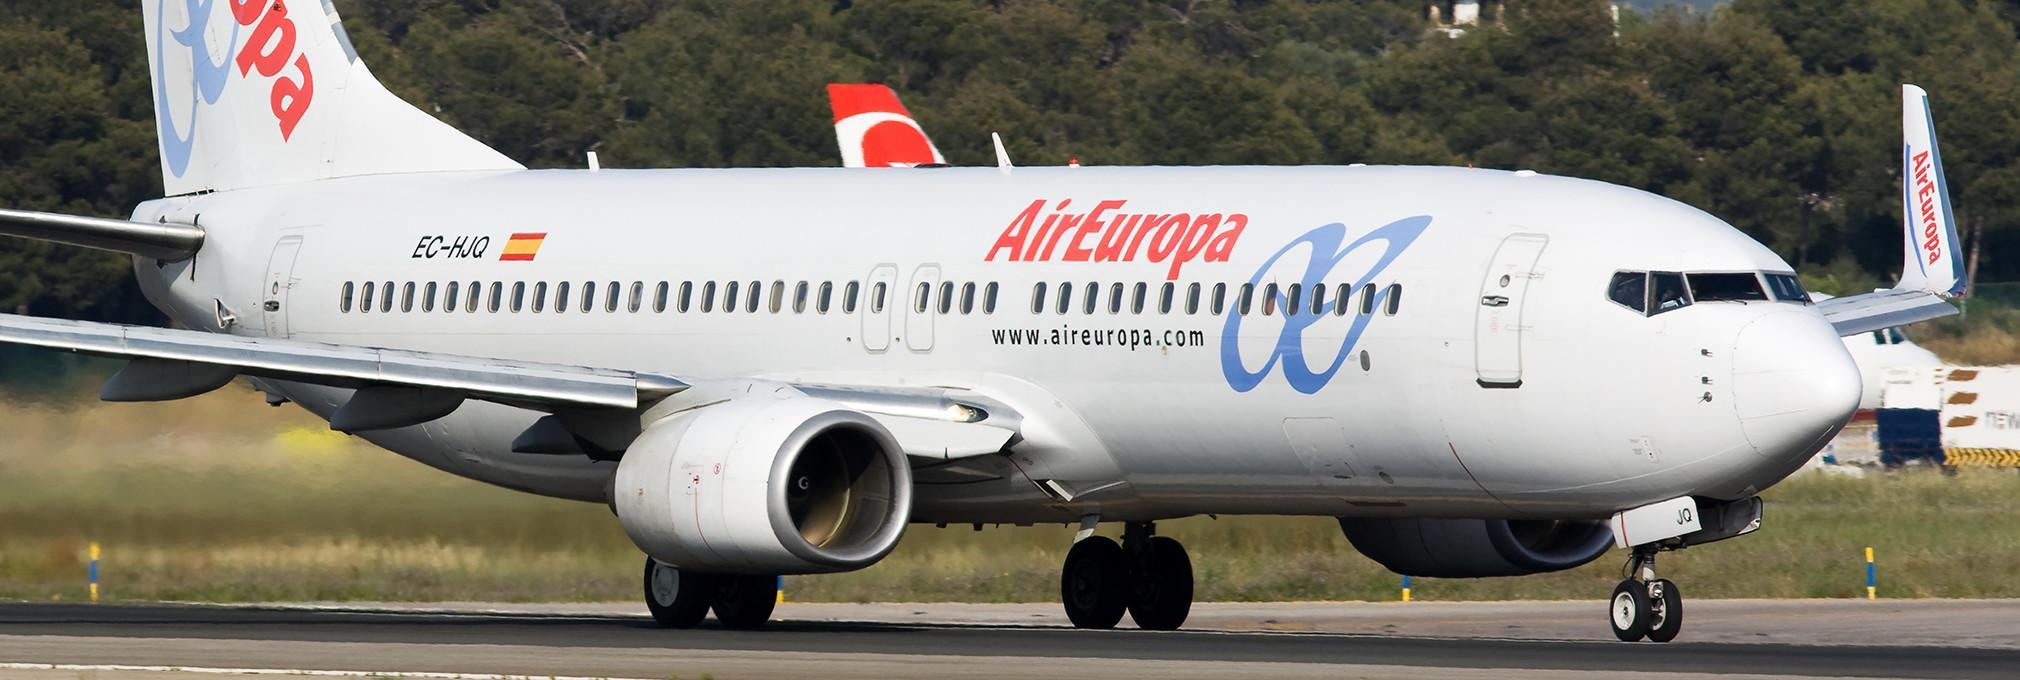 Come lavorare per Air Europa